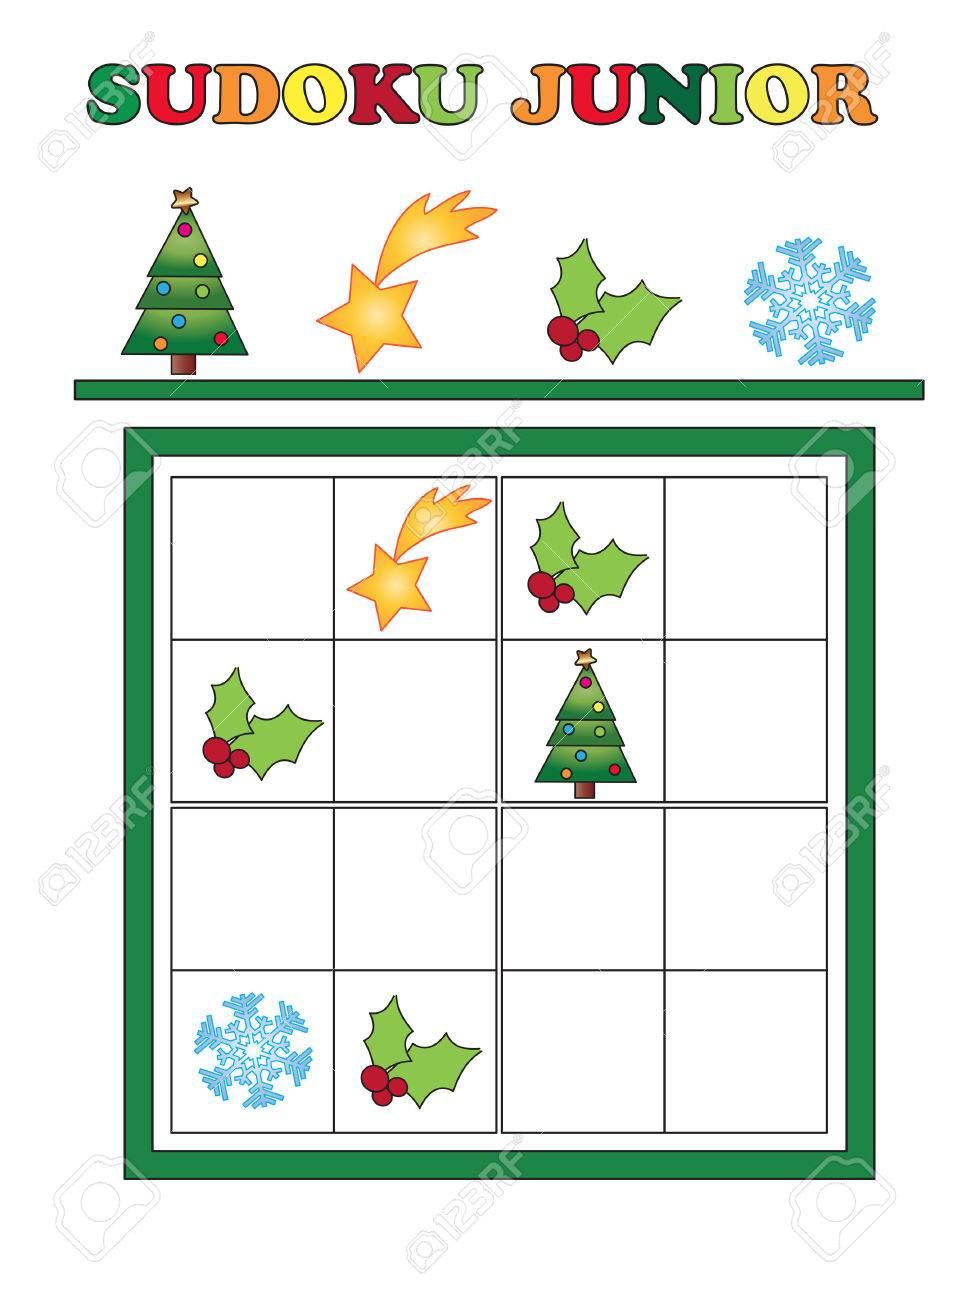 Christmas Sudoku.Game For Children For Christmas Sudoku Junior